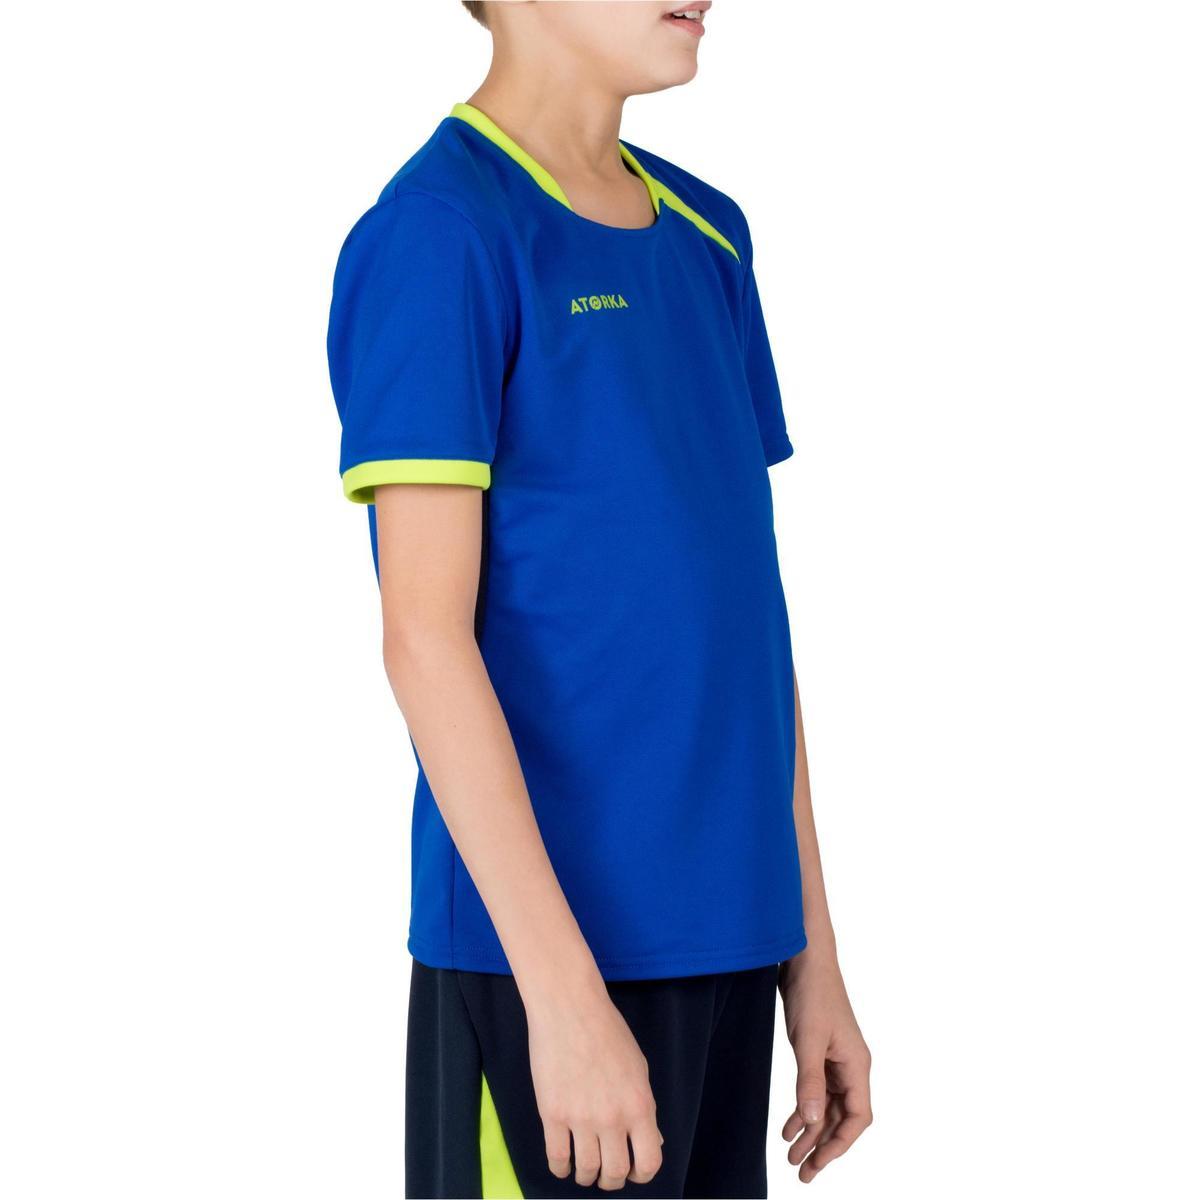 Bild 4 von Handballtrikot H100 Kinder blau/gelb